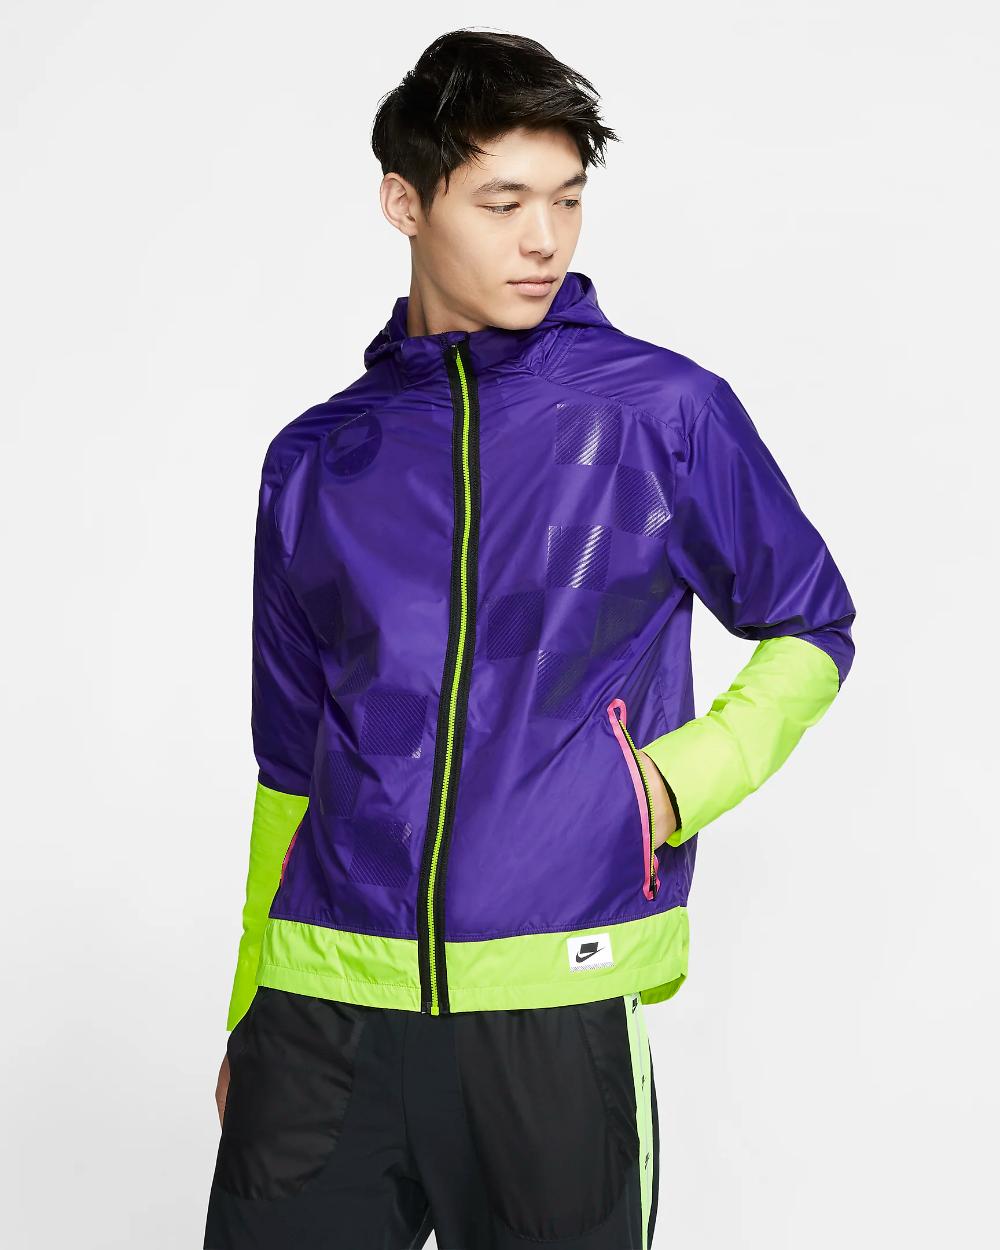 Decimal Metáfora Amplificar  Nike Shield Jaqueta reflectora de running - Home. Nike ES | Hombres nike,  Chaquetas, Nike